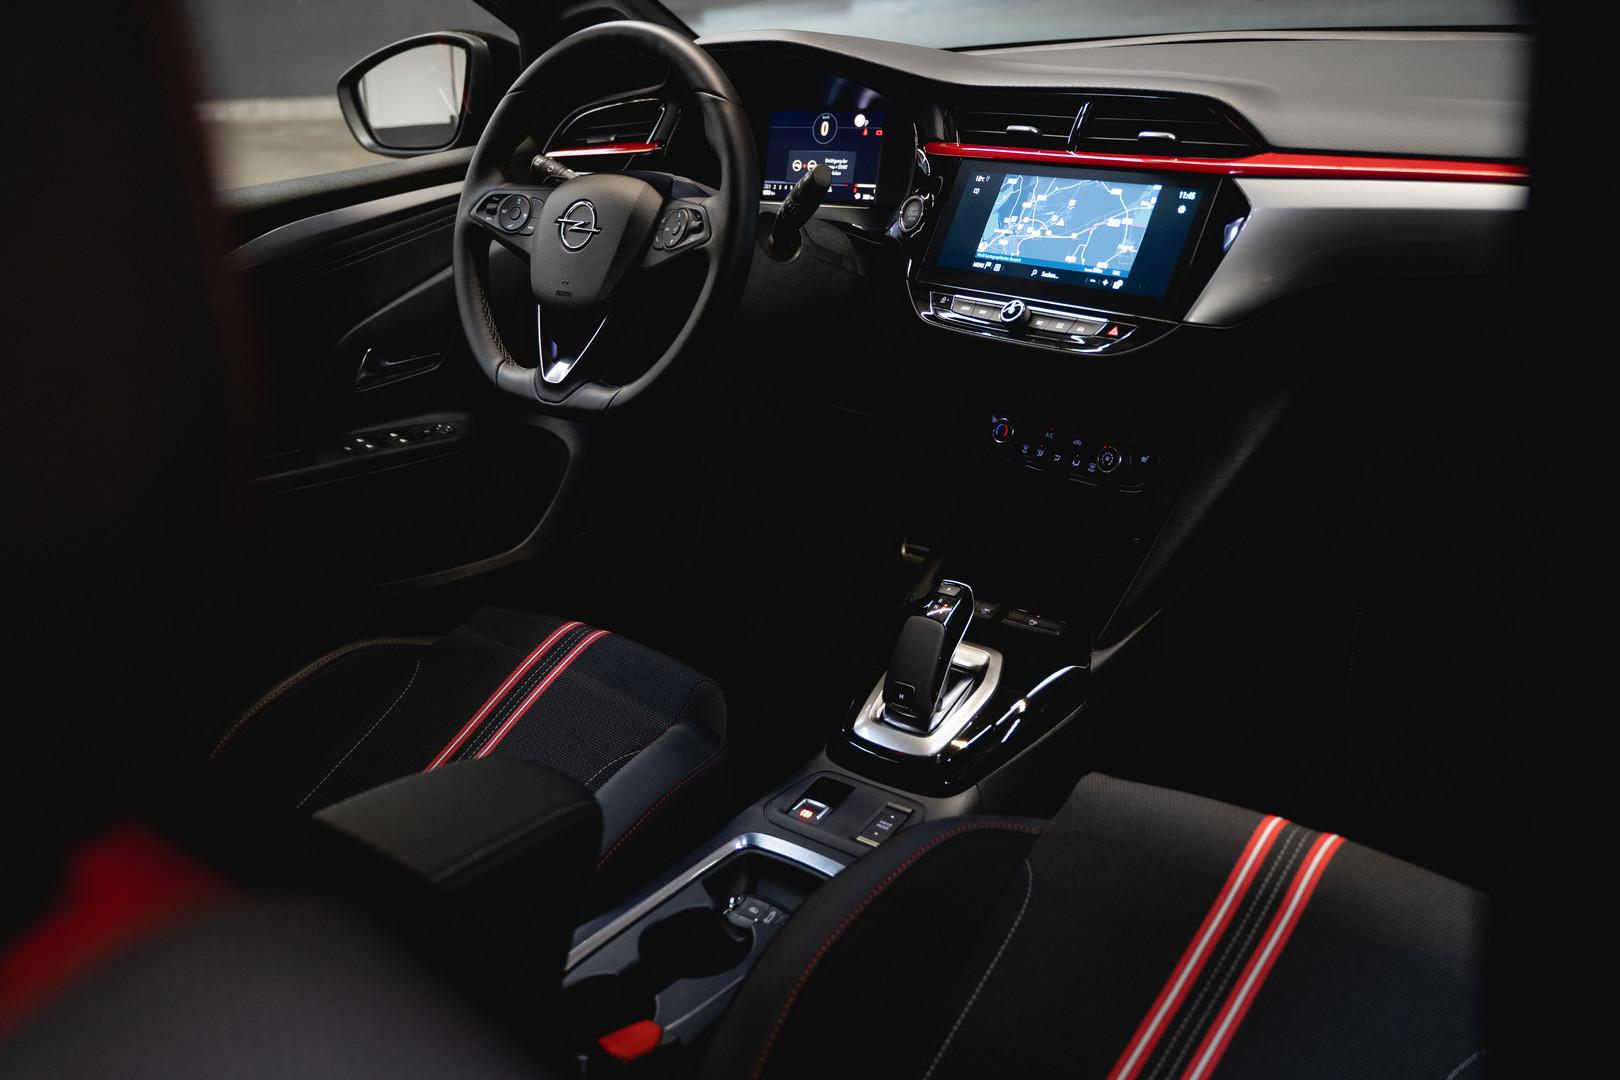 Opel Corsa Interior 2019